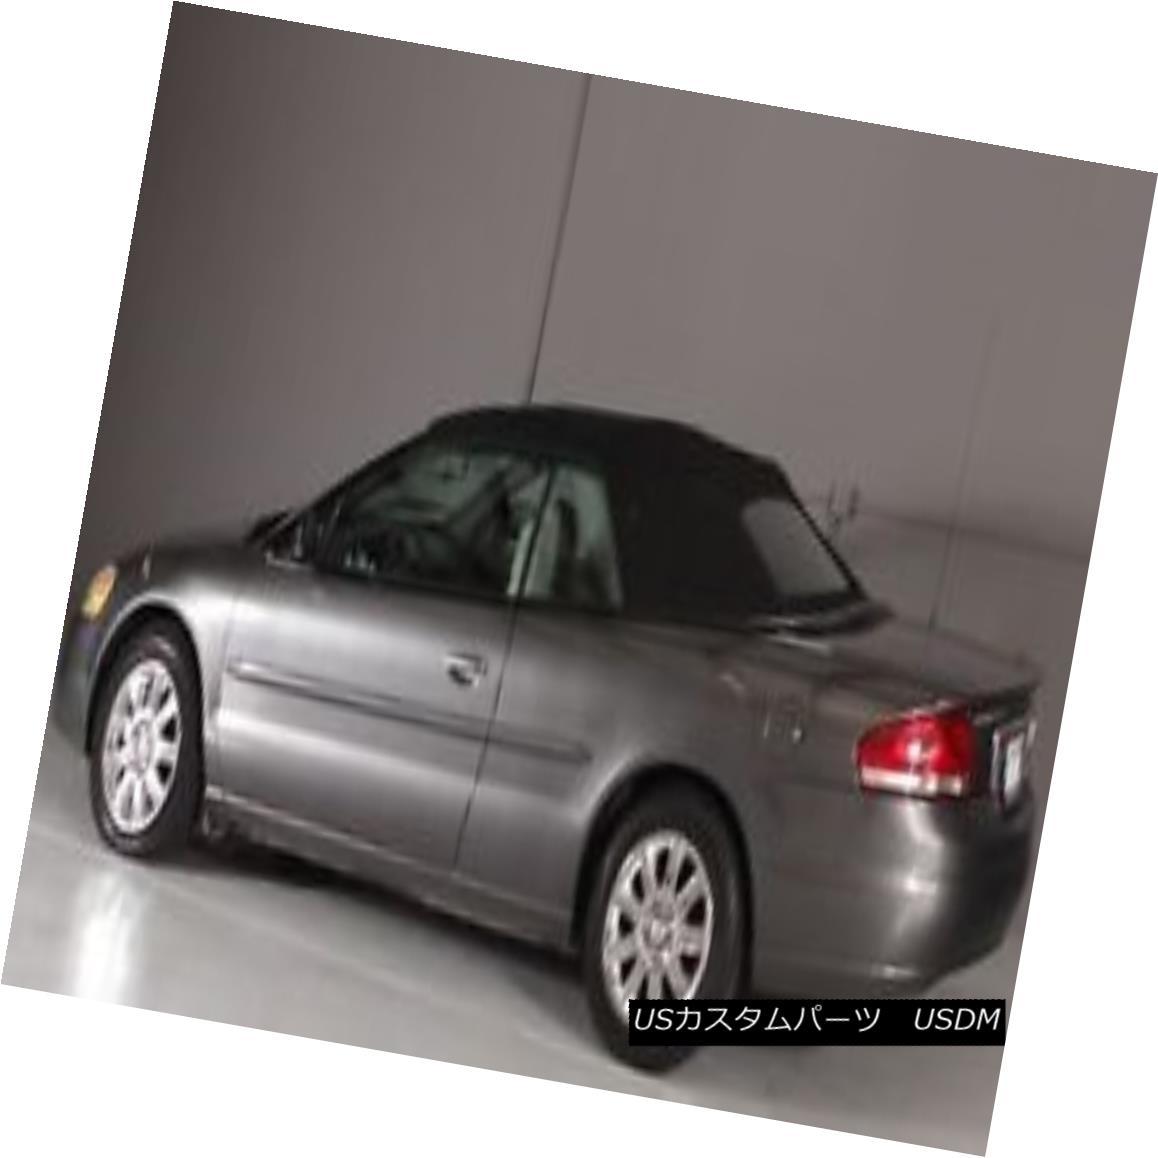 幌・ソフトトップ 1996-2006 NEW Chrysler Sebring Convertible Soft Top & Heated Glass window Black 1996-2006 NEWクライスラーセブリングコンバーチブルソフトトップ& 加熱ガラス窓黒